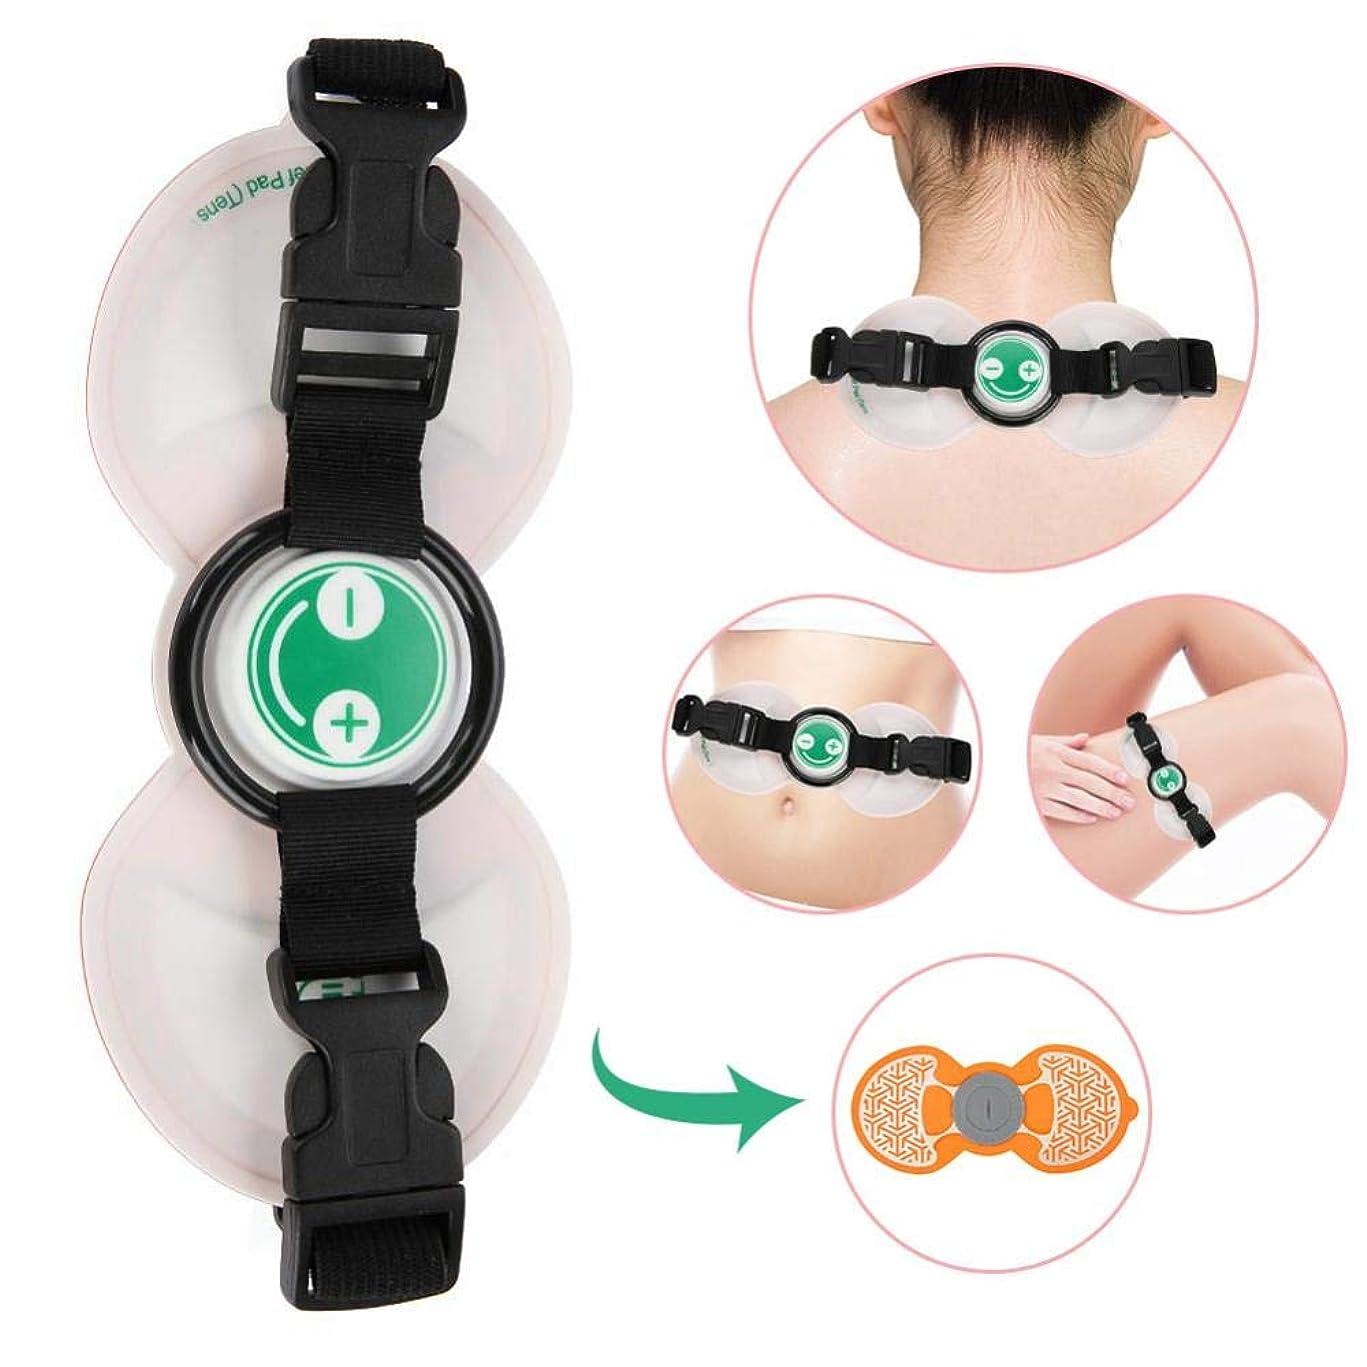 ヘッドレス合意スペードミニマッサージ、多機能EMSコードレス電動マッサージ、筋肉痛緩和、ネックアームマッサージ